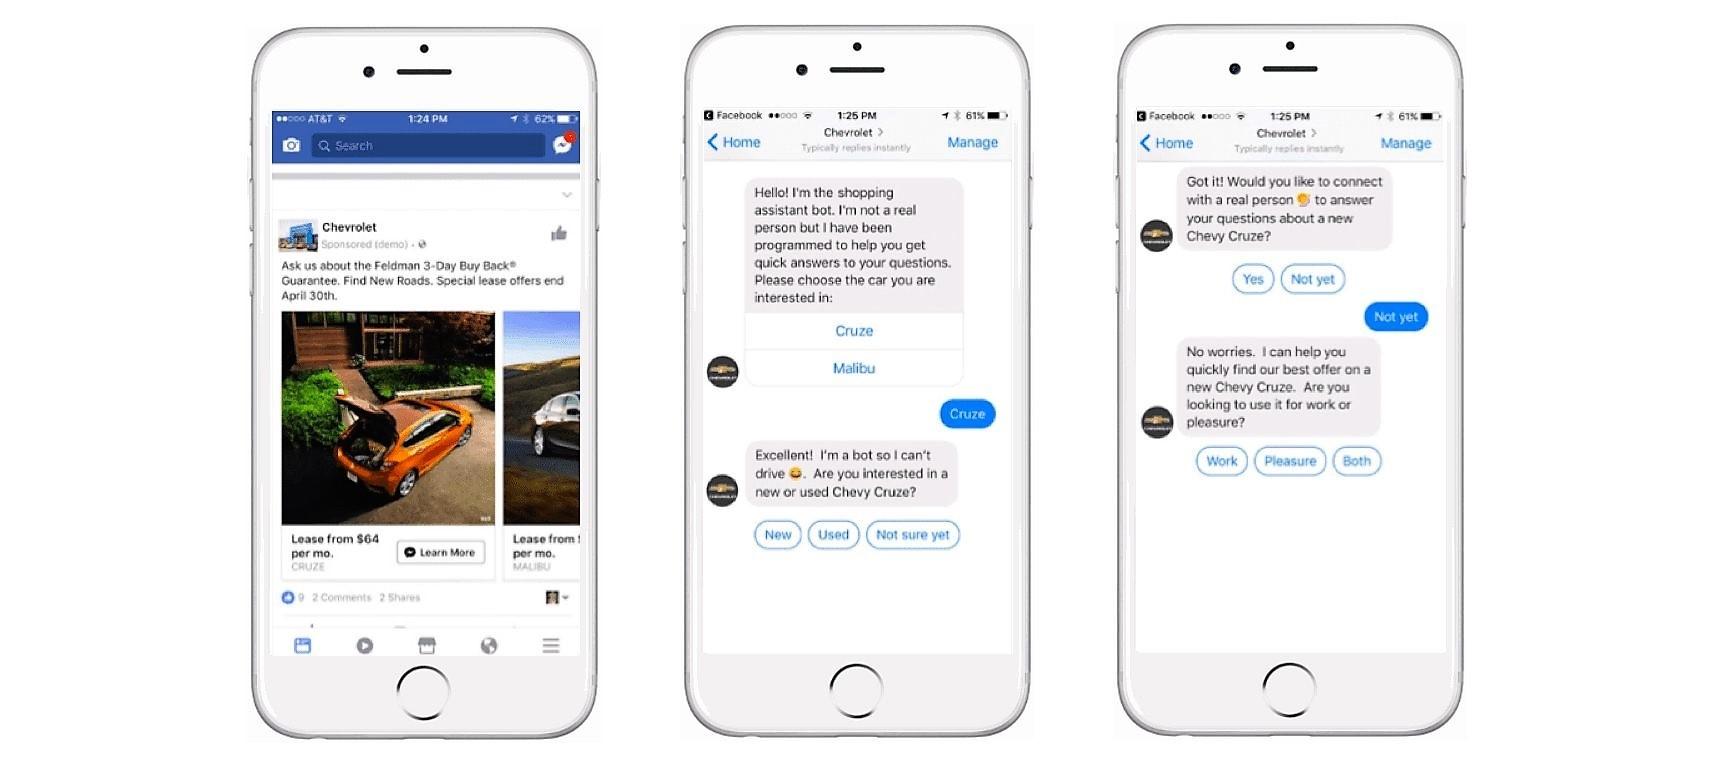 點擊率比Email高6倍!5招善用Facebook Messenger。成功用通訊軟體行銷 | SmartM 新網路科技